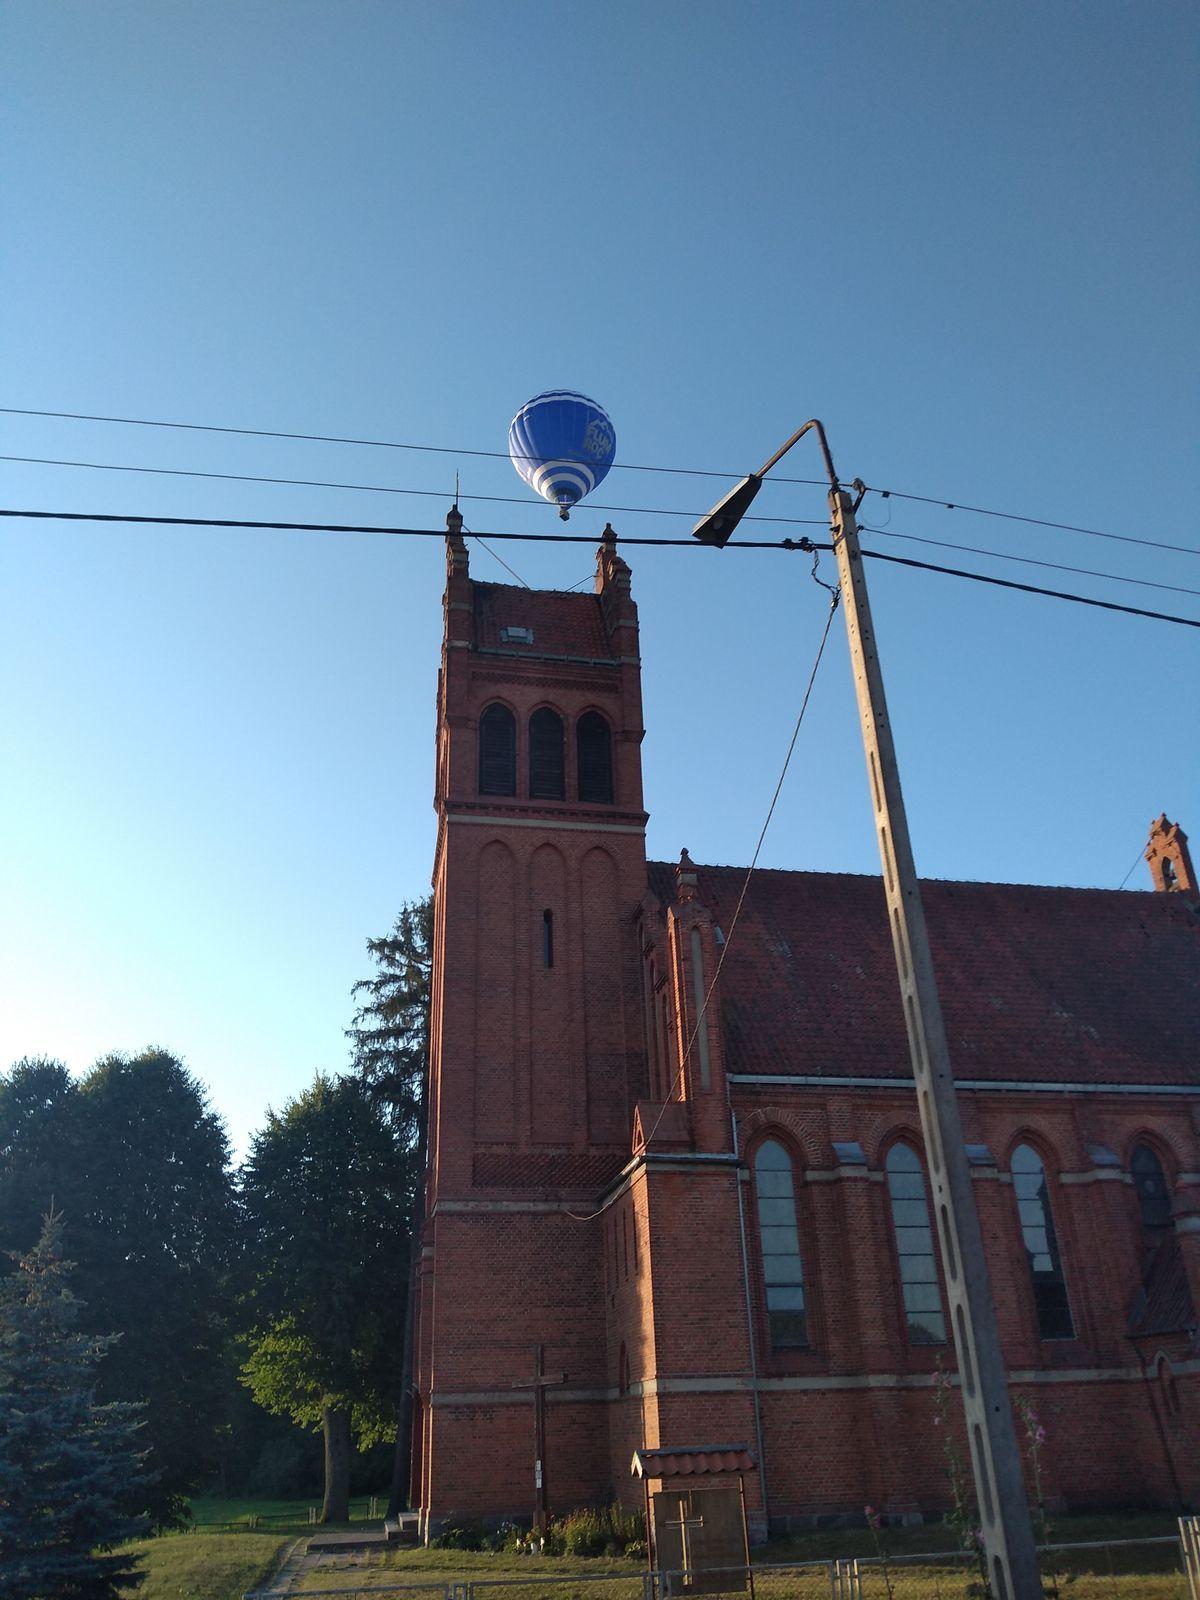 Balon nad kościołem w Giławach